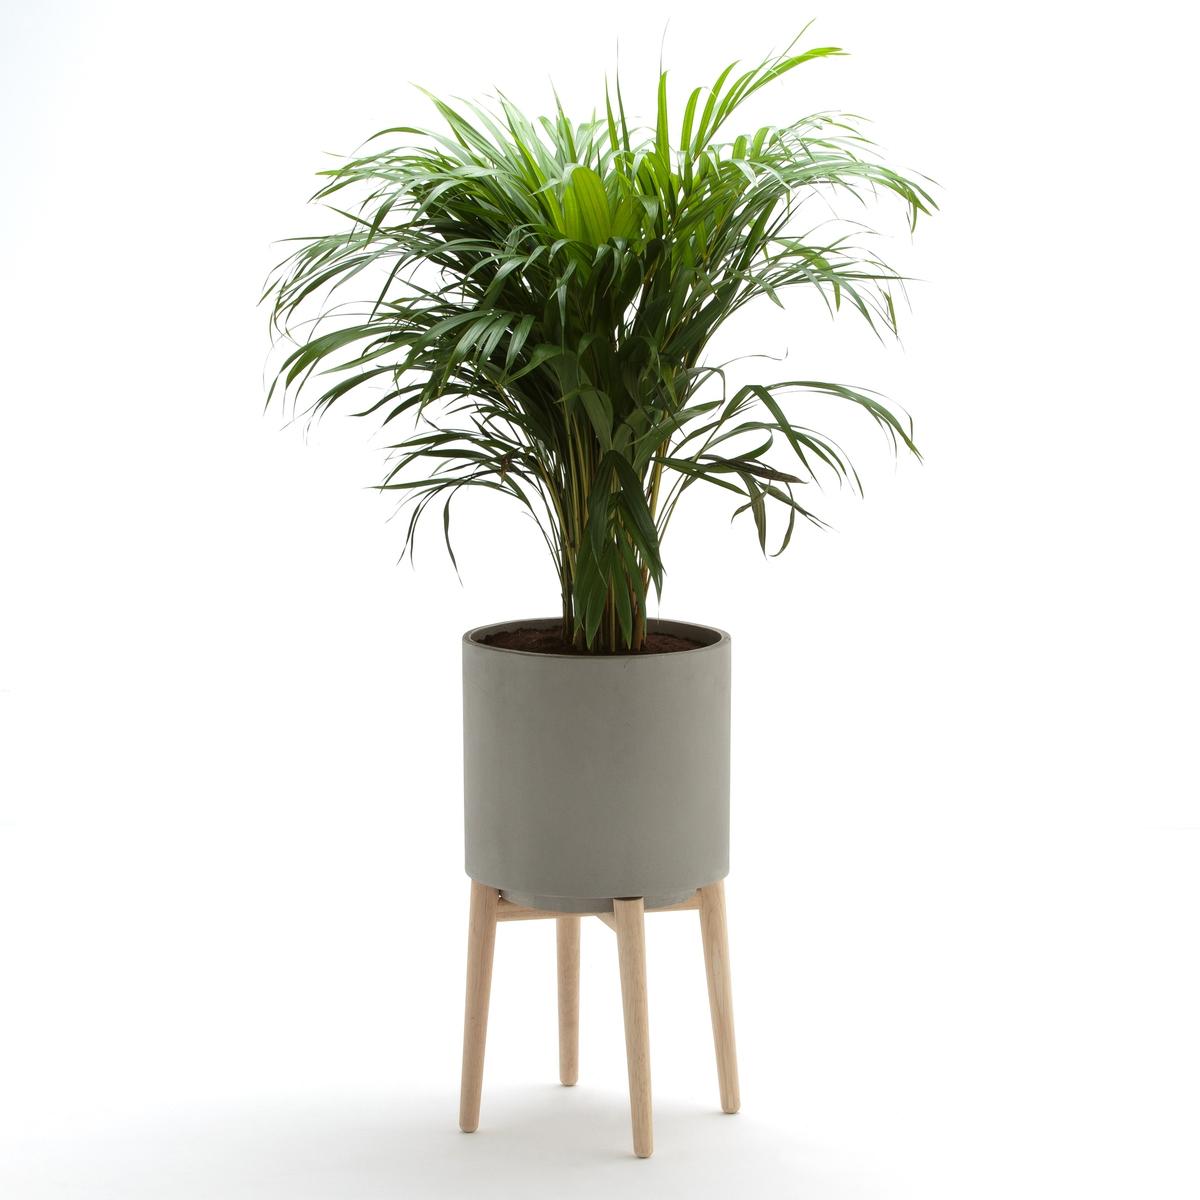 Кашпо Выс.58,5 см, FlorianДекоративное кашпо из цемента на складной деревянной подставке. Идеален для украшения ваших растений.Характеристики : - Из цементаПодставка из гельвеи    Размеры  : - ?34 x 58,5 см- Горшок: ?31 x 30,5 см<br><br>Цвет: серый цементовый